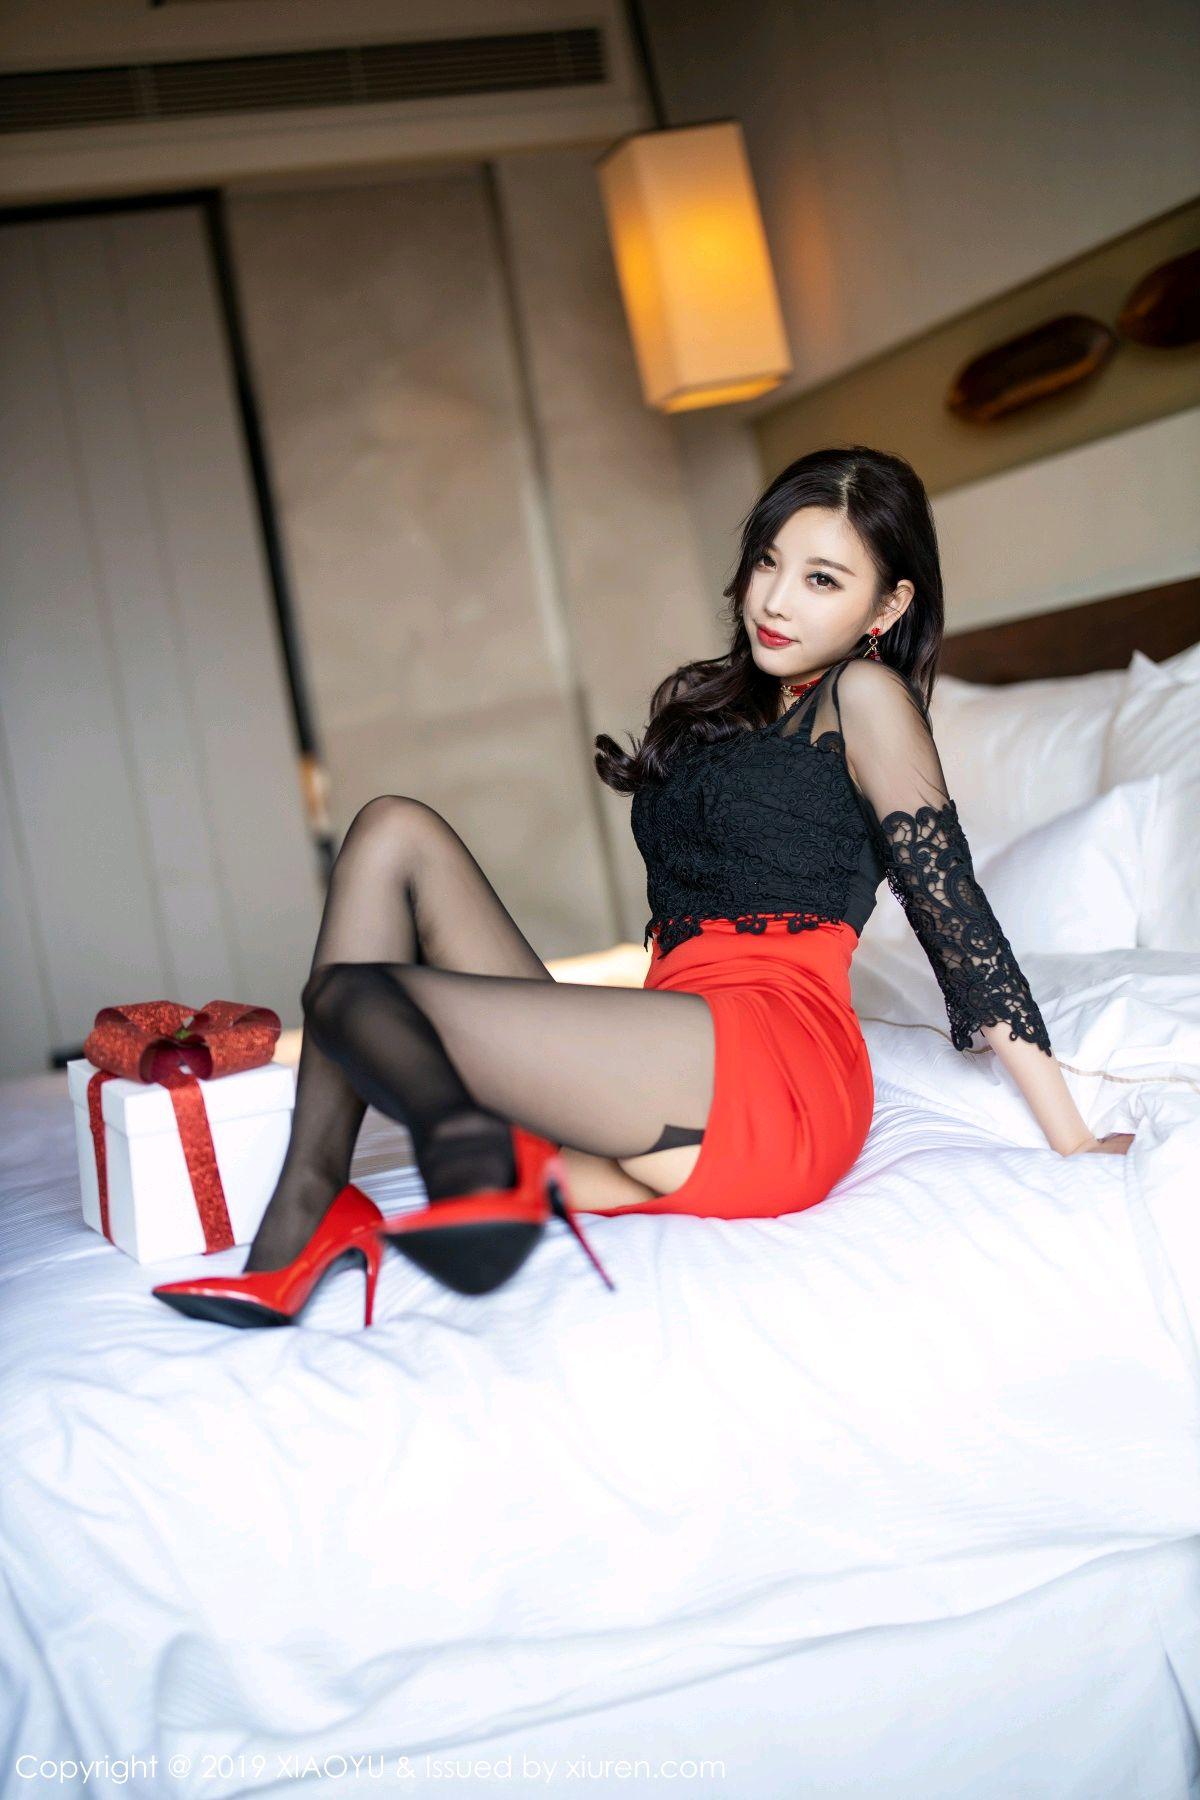 [XiaoYu] Vol.225 Yang Chen Chen 43P, Christmas, Underwear, XiaoYu, Yang Chen Chen